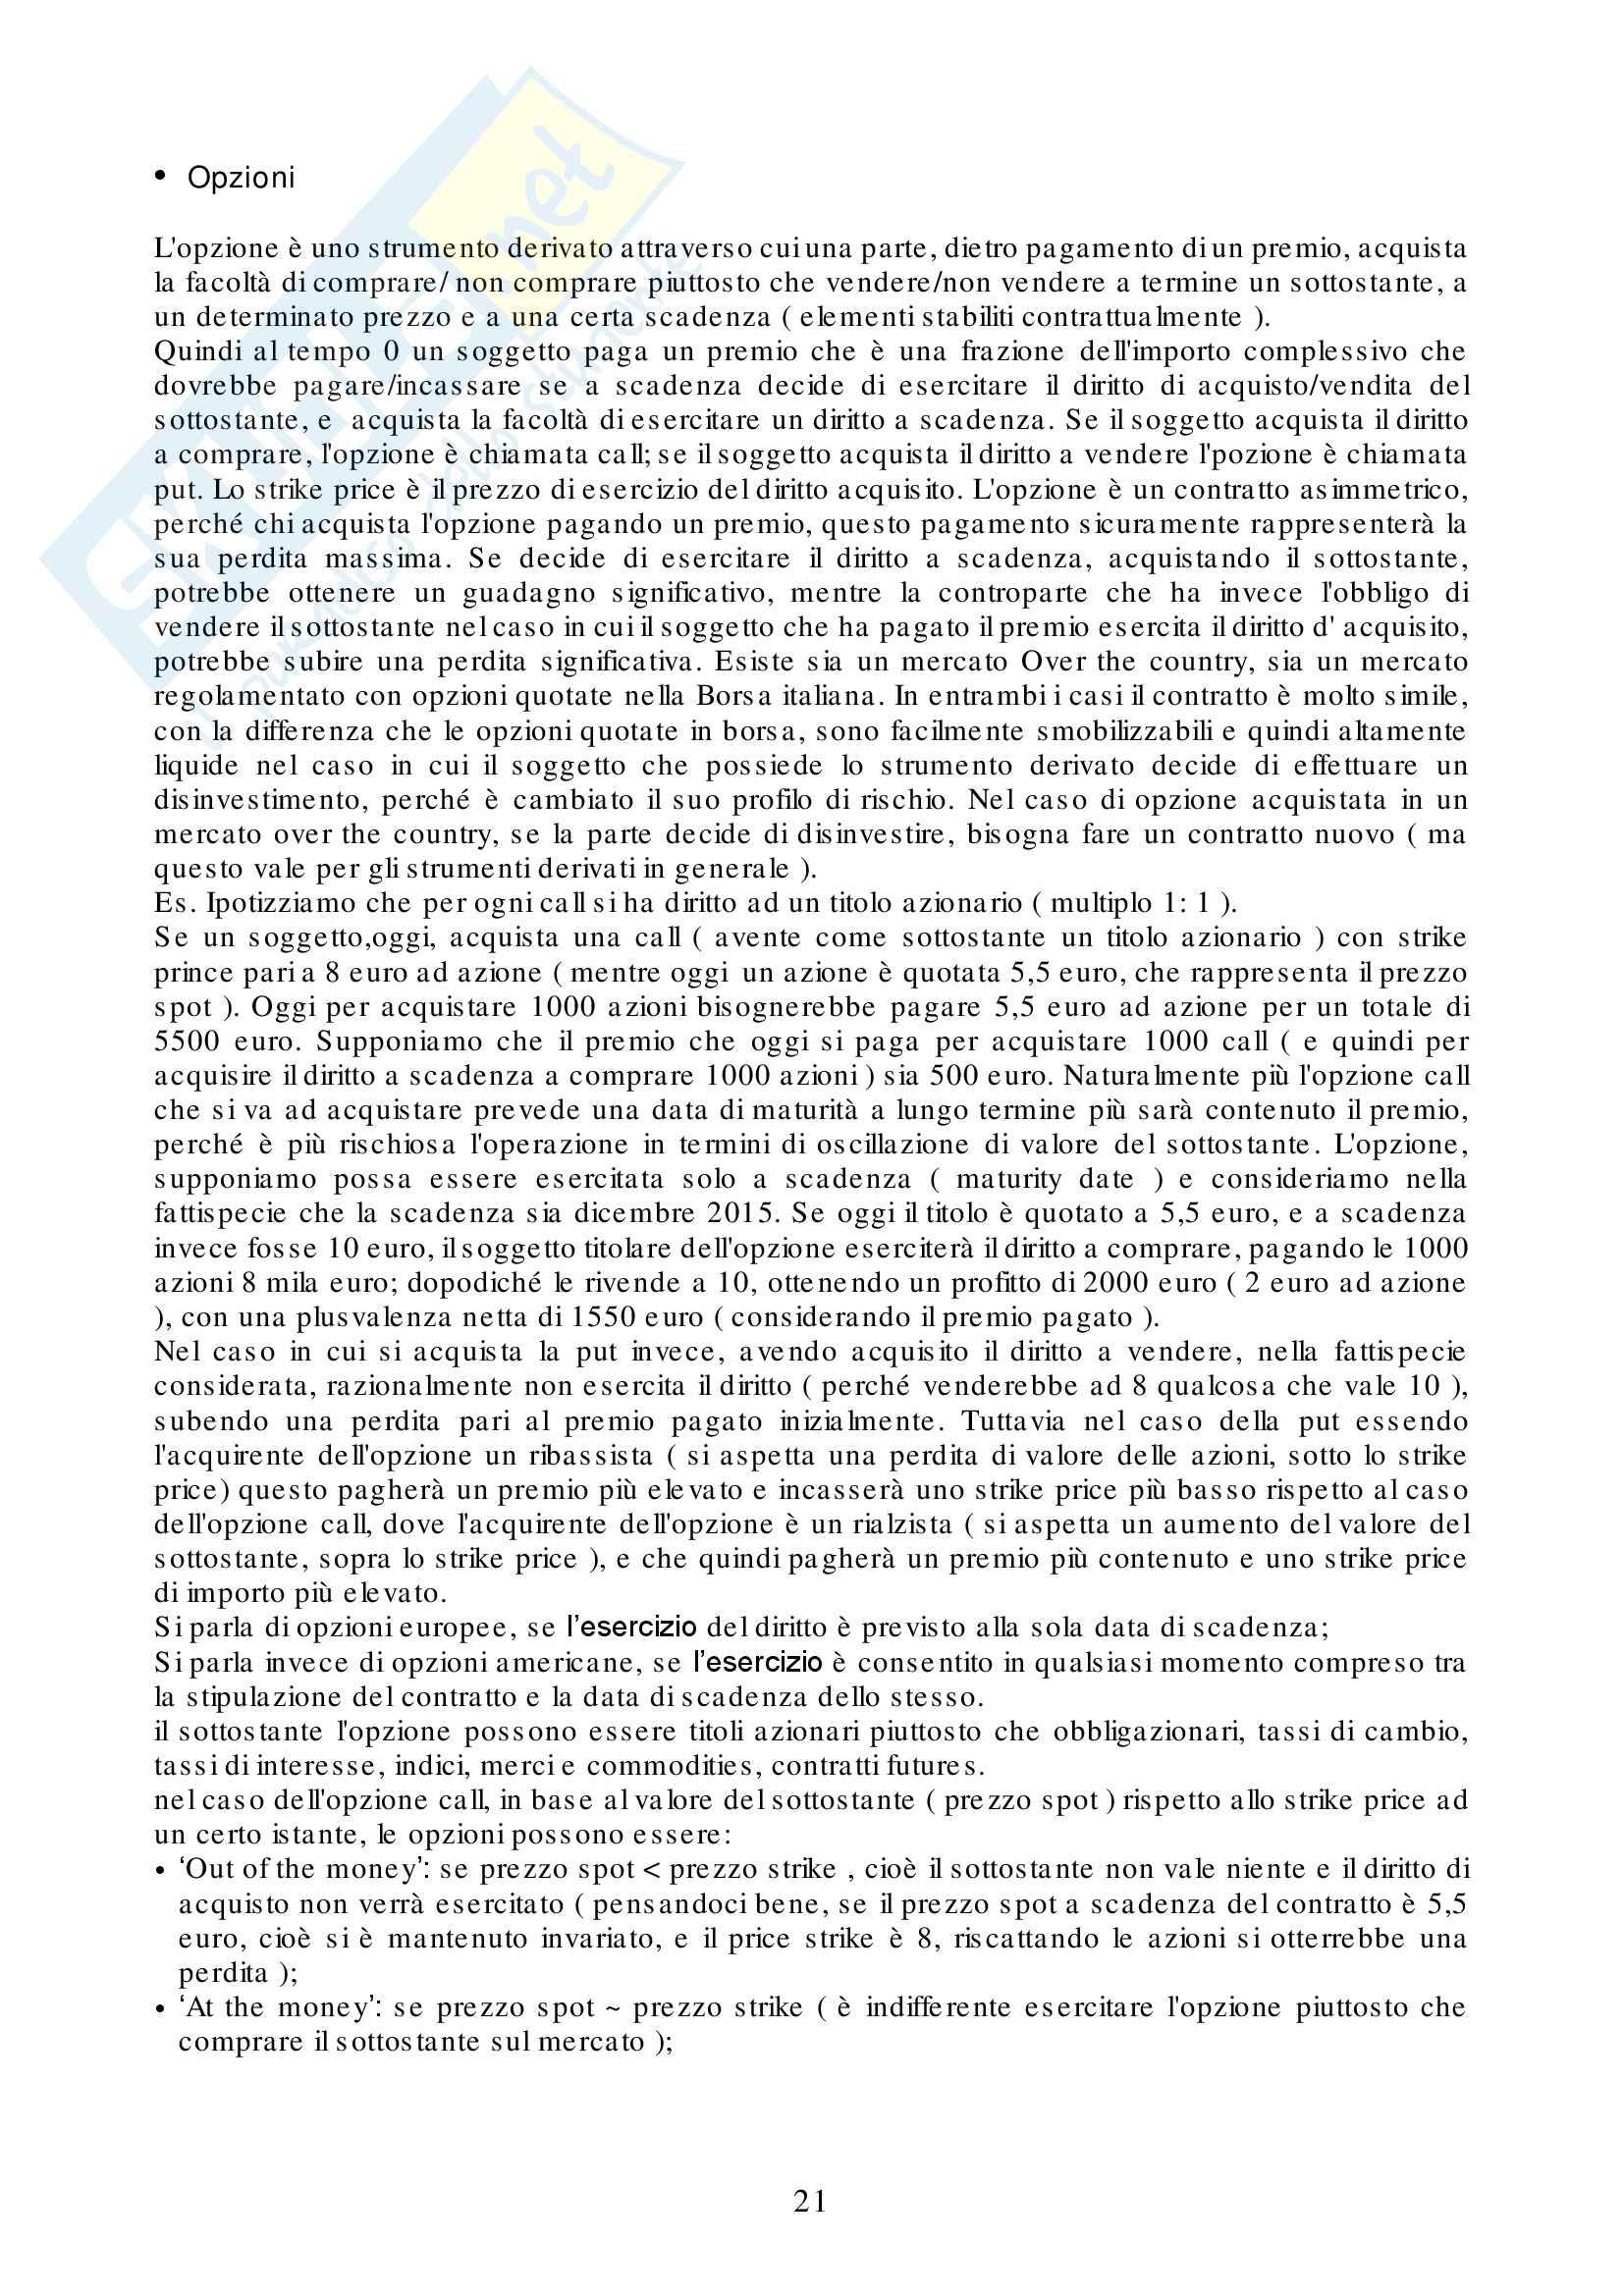 Appunti Strumenti Finanziari d'Impresa Pag. 21